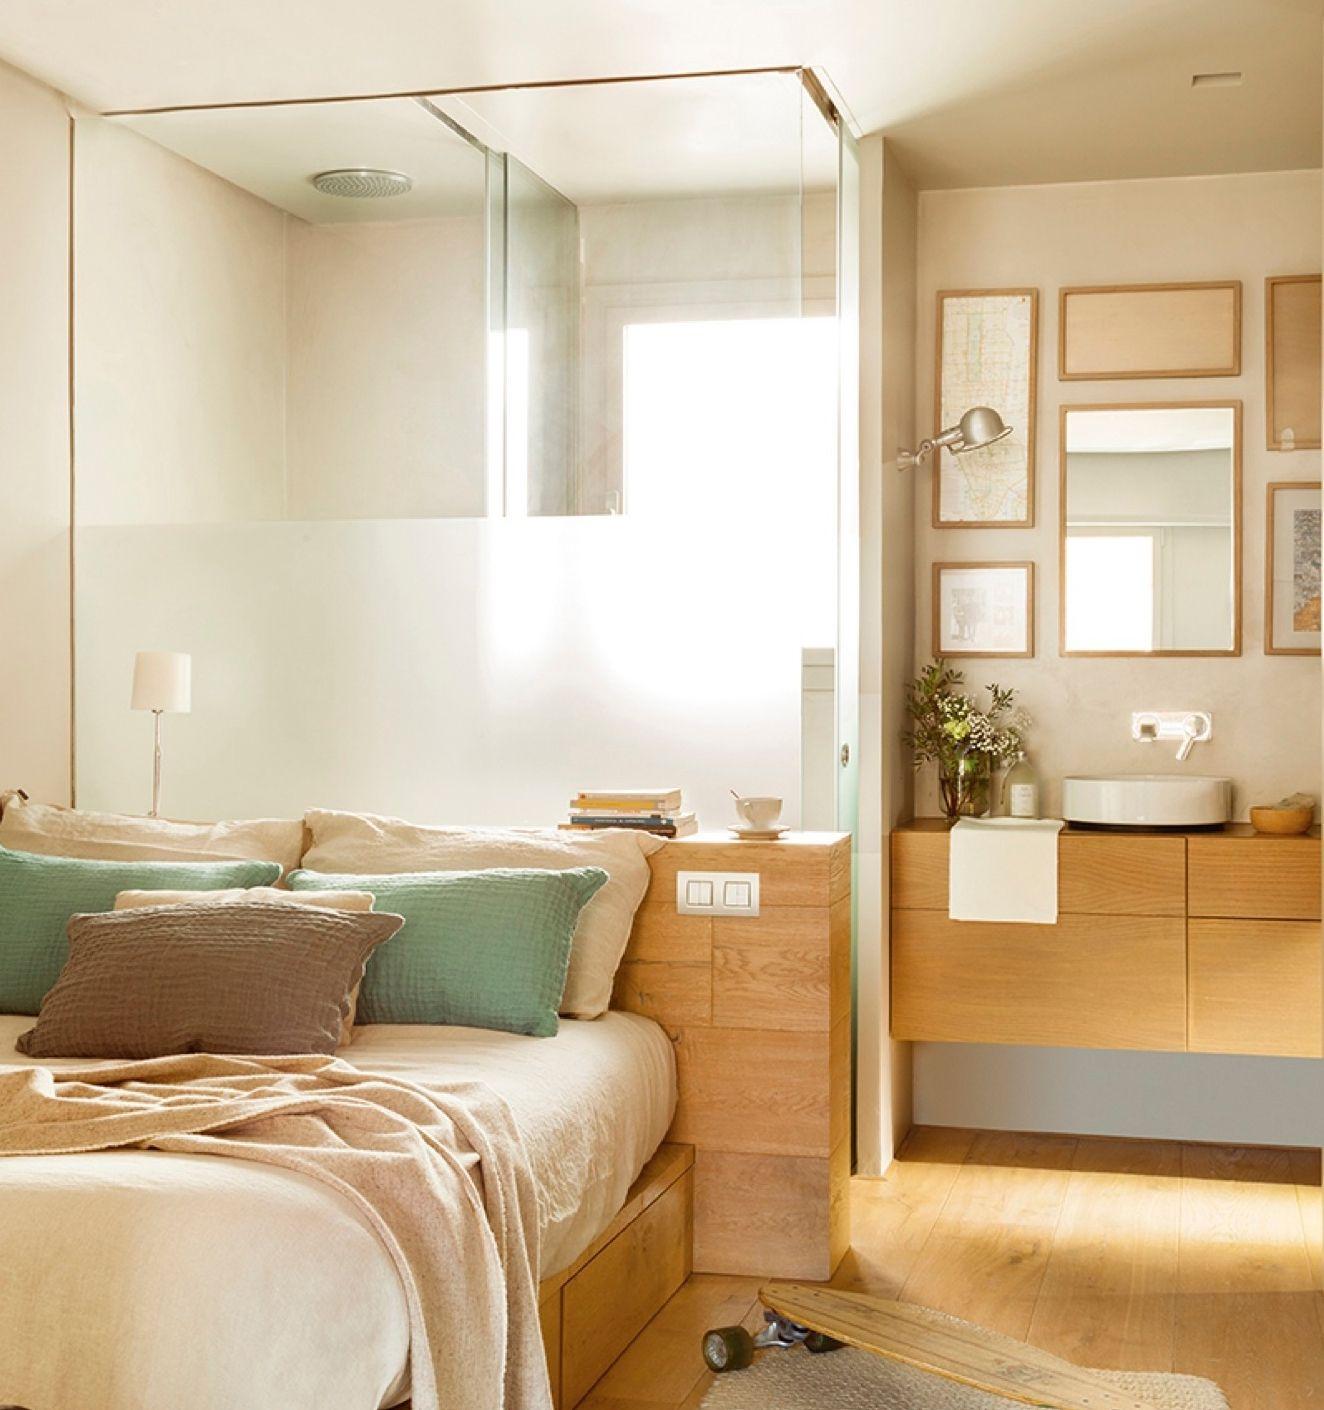 Dormitorio Con Bano En Suite Con Paredes De Cristal Madera Y